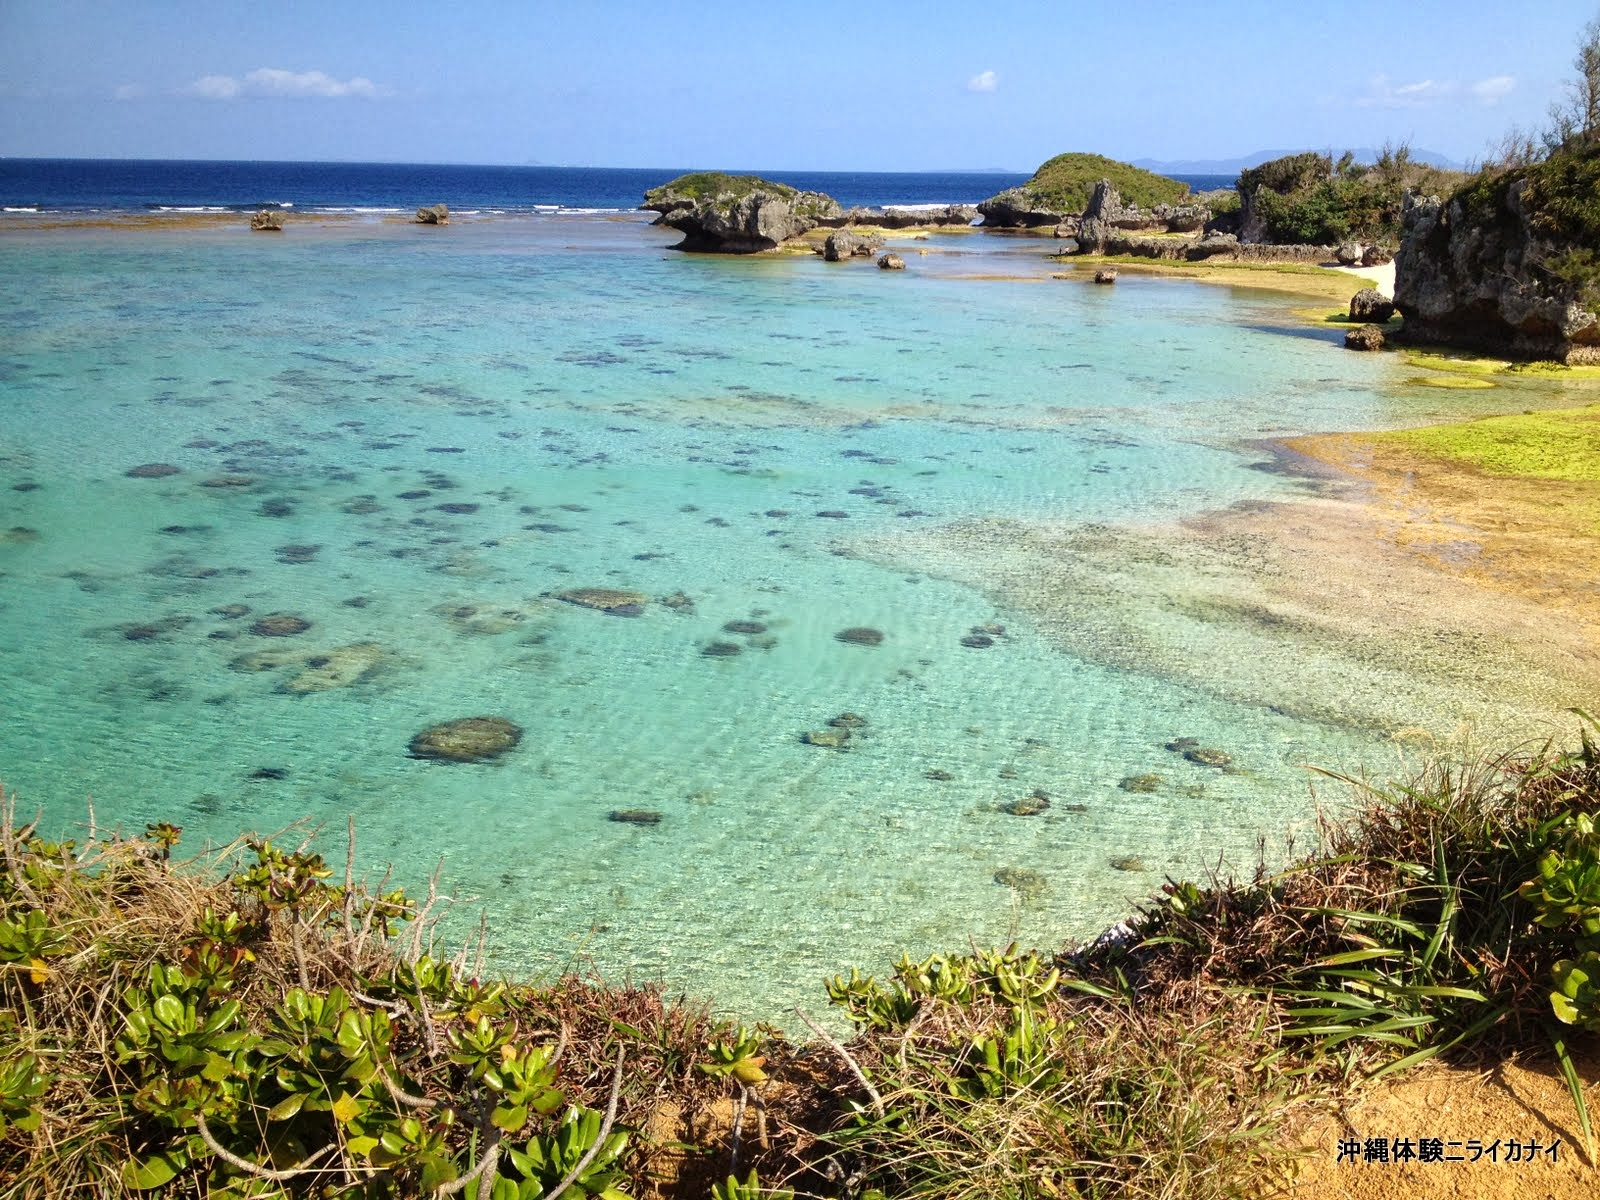 体験/観光 沖縄家族旅行 子ども おすすめ